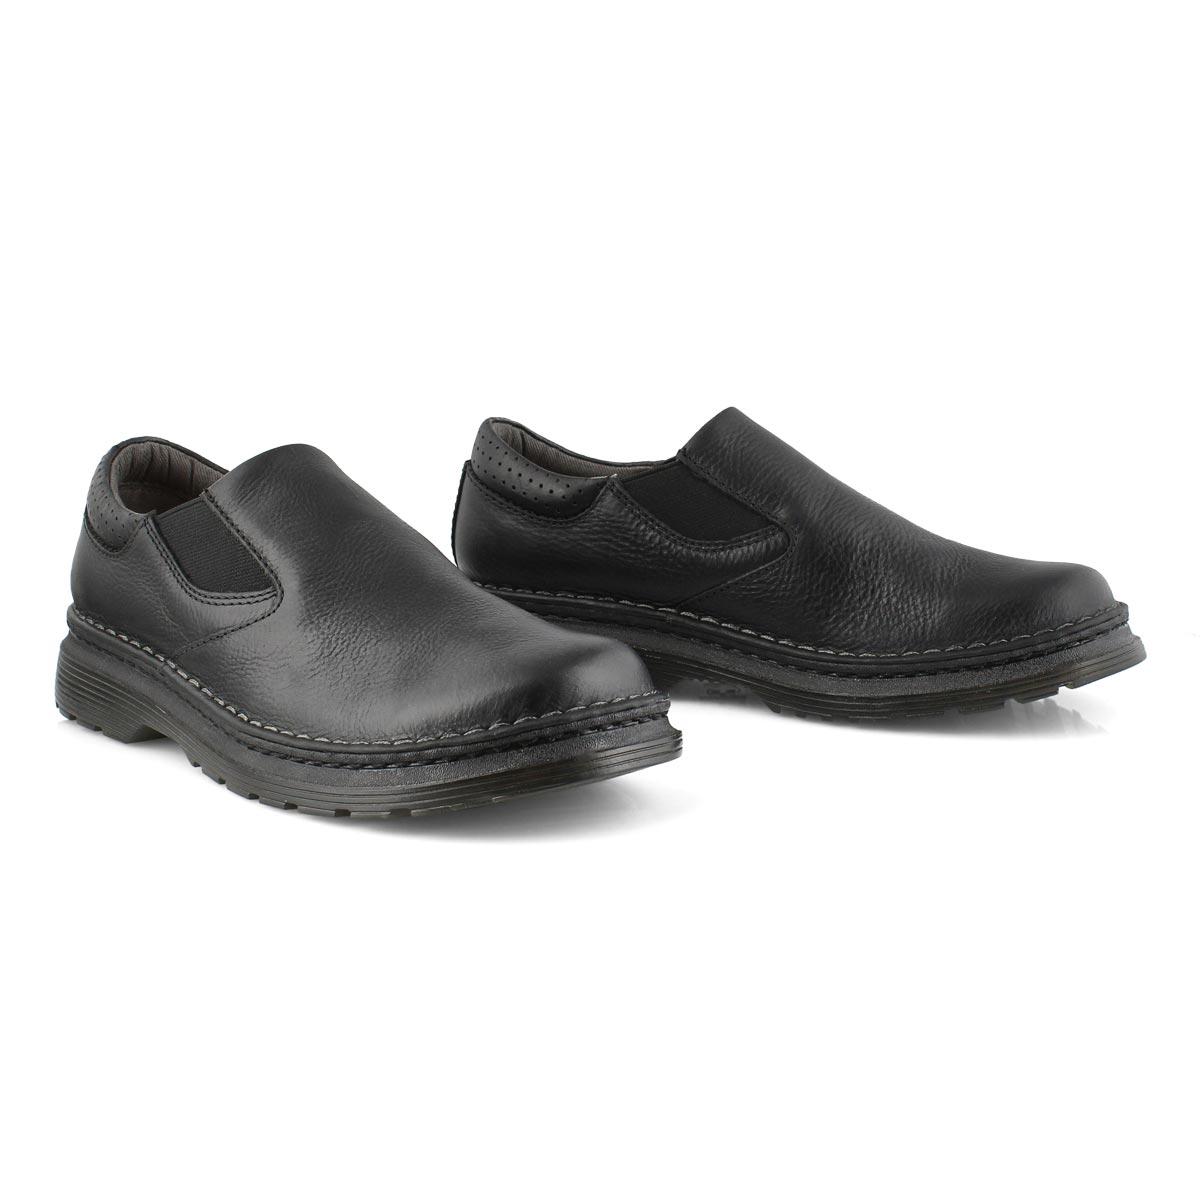 Mns Orson black plain toe slip on